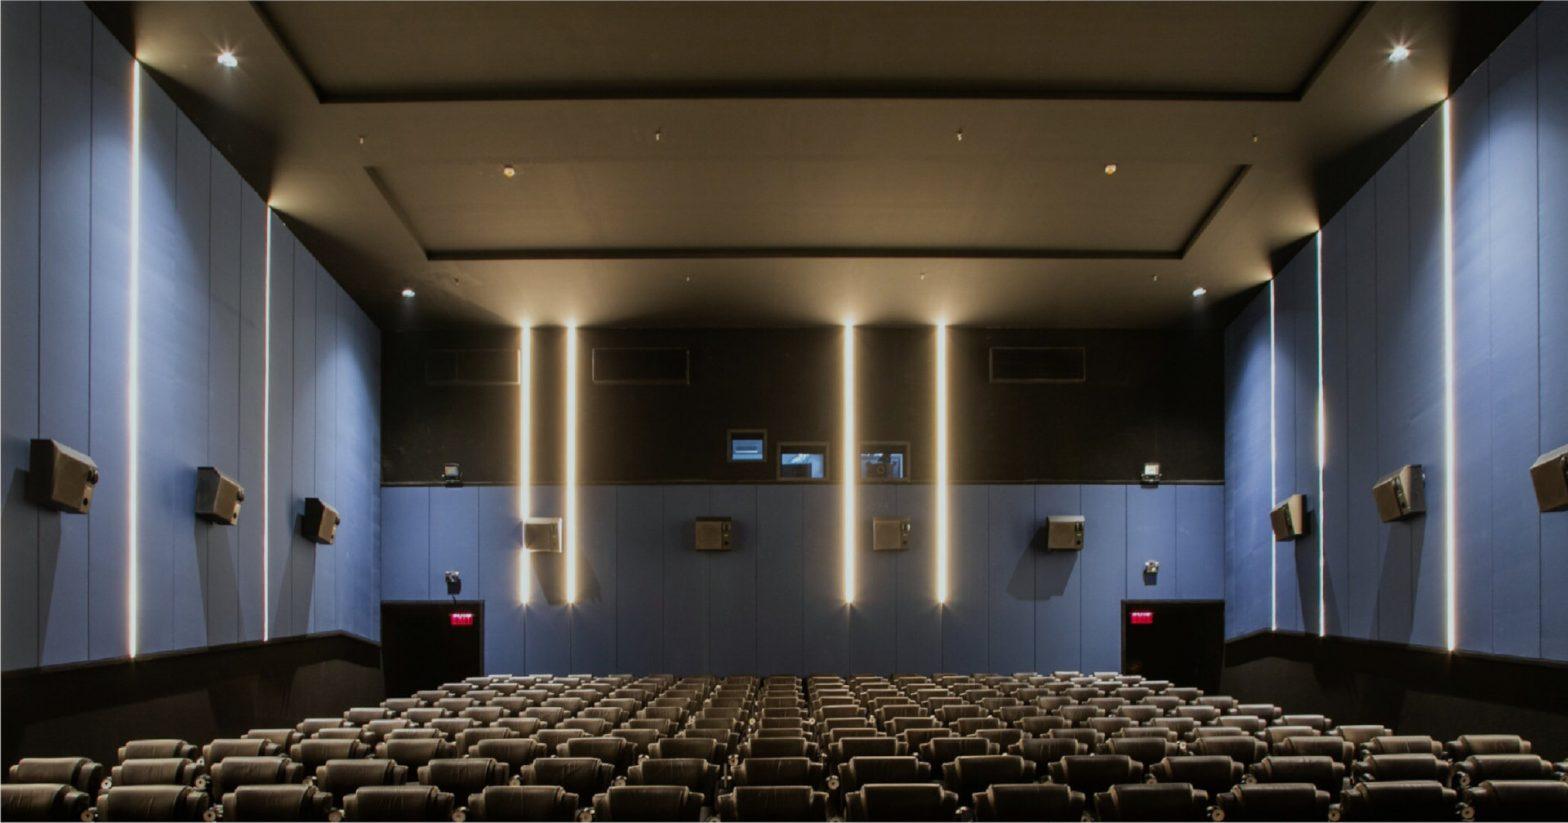 6 โรงภาพยนตร์ทางเลือก เมื่อหนังแนวๆ กำลังสะพรั่ง